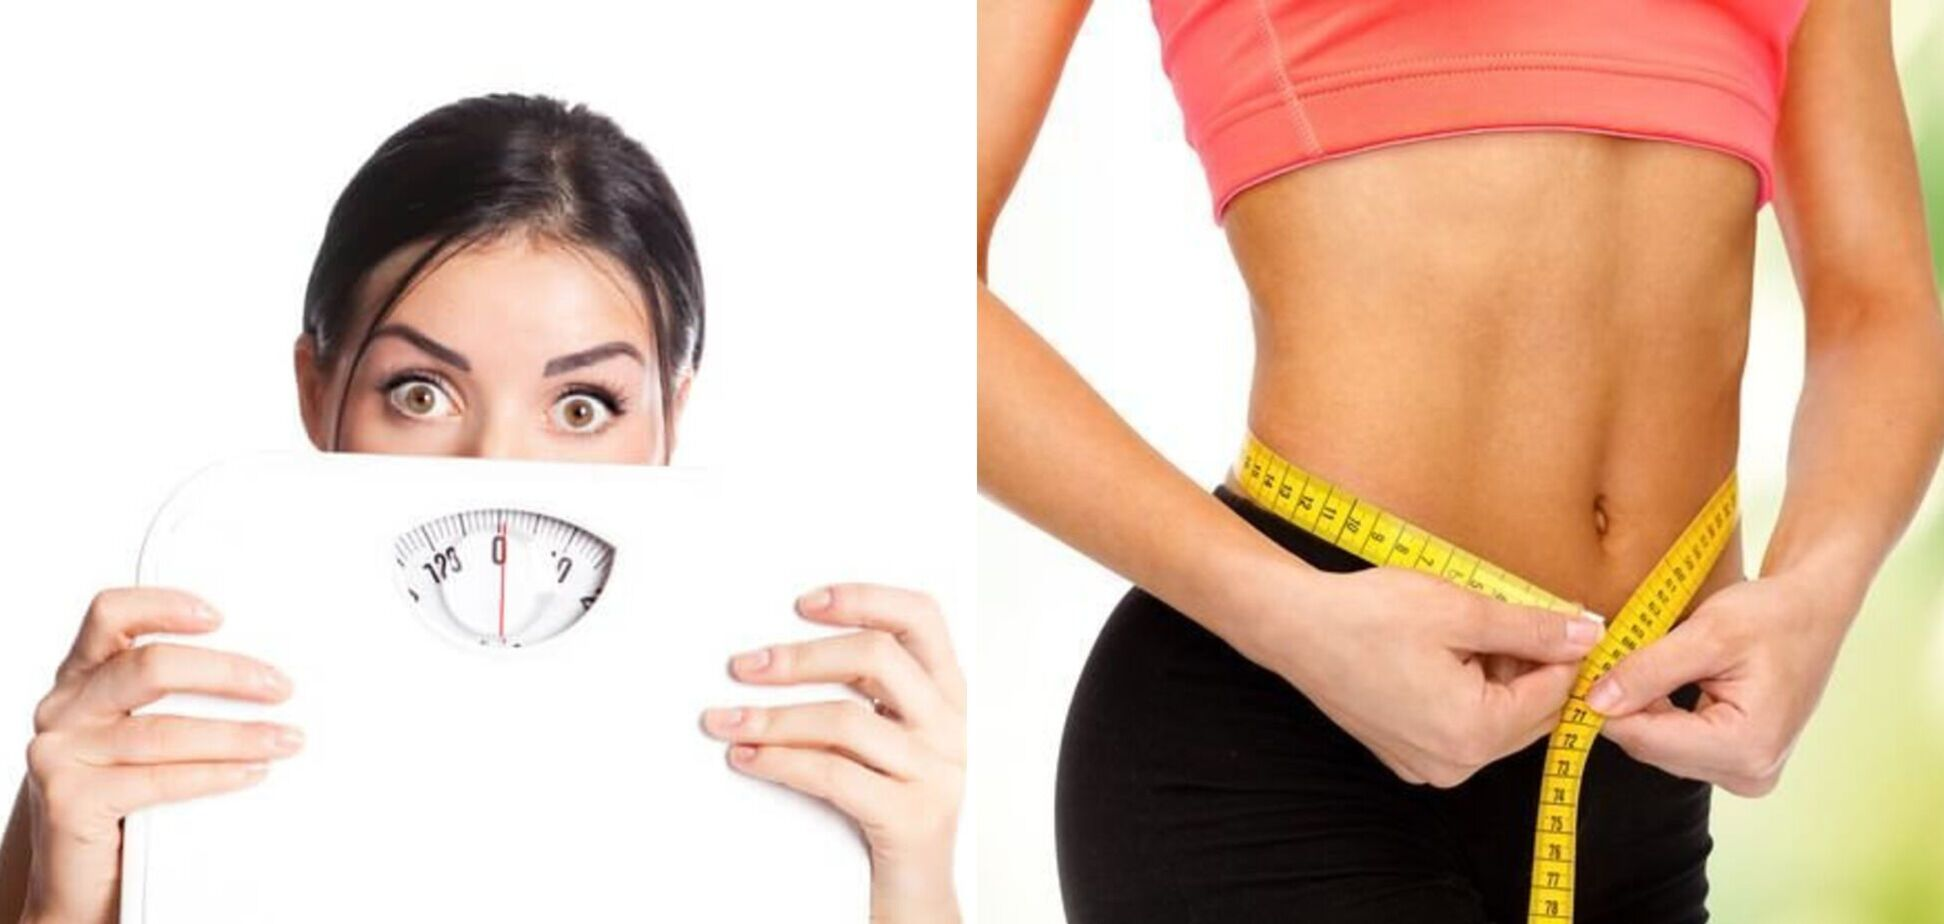 Набір ваги: про яку хворобу може сигналізувати